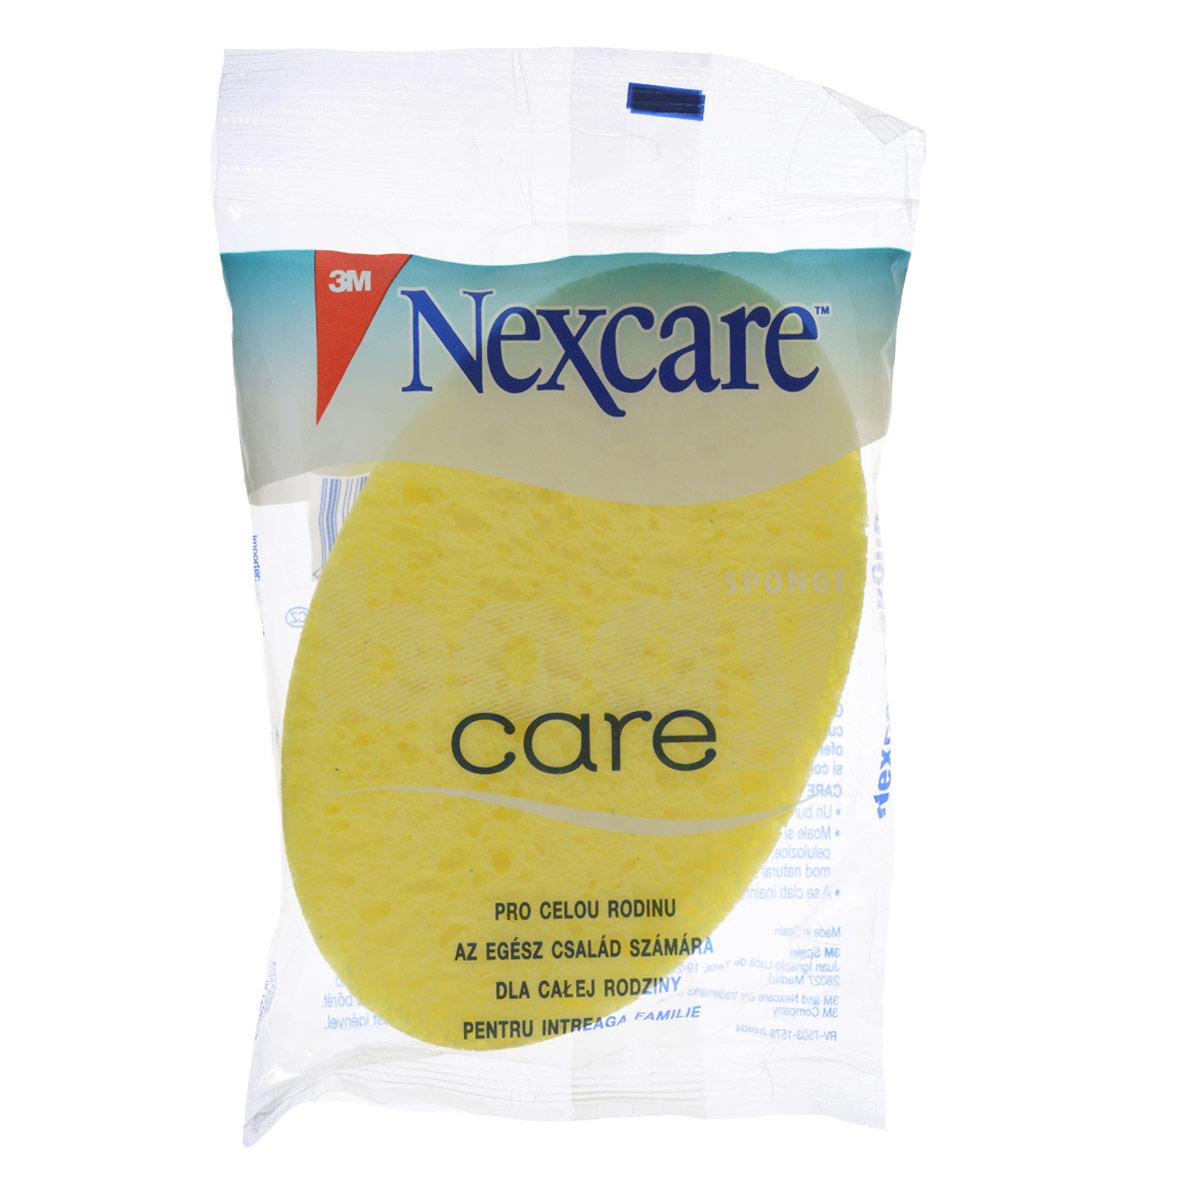 Nexcare Губка массажная для тела, целлюлозная, цвет: желтыйRN-0009-3271-5Губка массажная Nexcare для тела отлично подходит для всех типов кожи. Ухаживает за чувствительными участками кожи, а нежный массажный слой очищает и обновляет кожу. Деликатно удаляет отмершие клетки кожи. Сделана из натурального материала - легко моется и быстро сохнет.